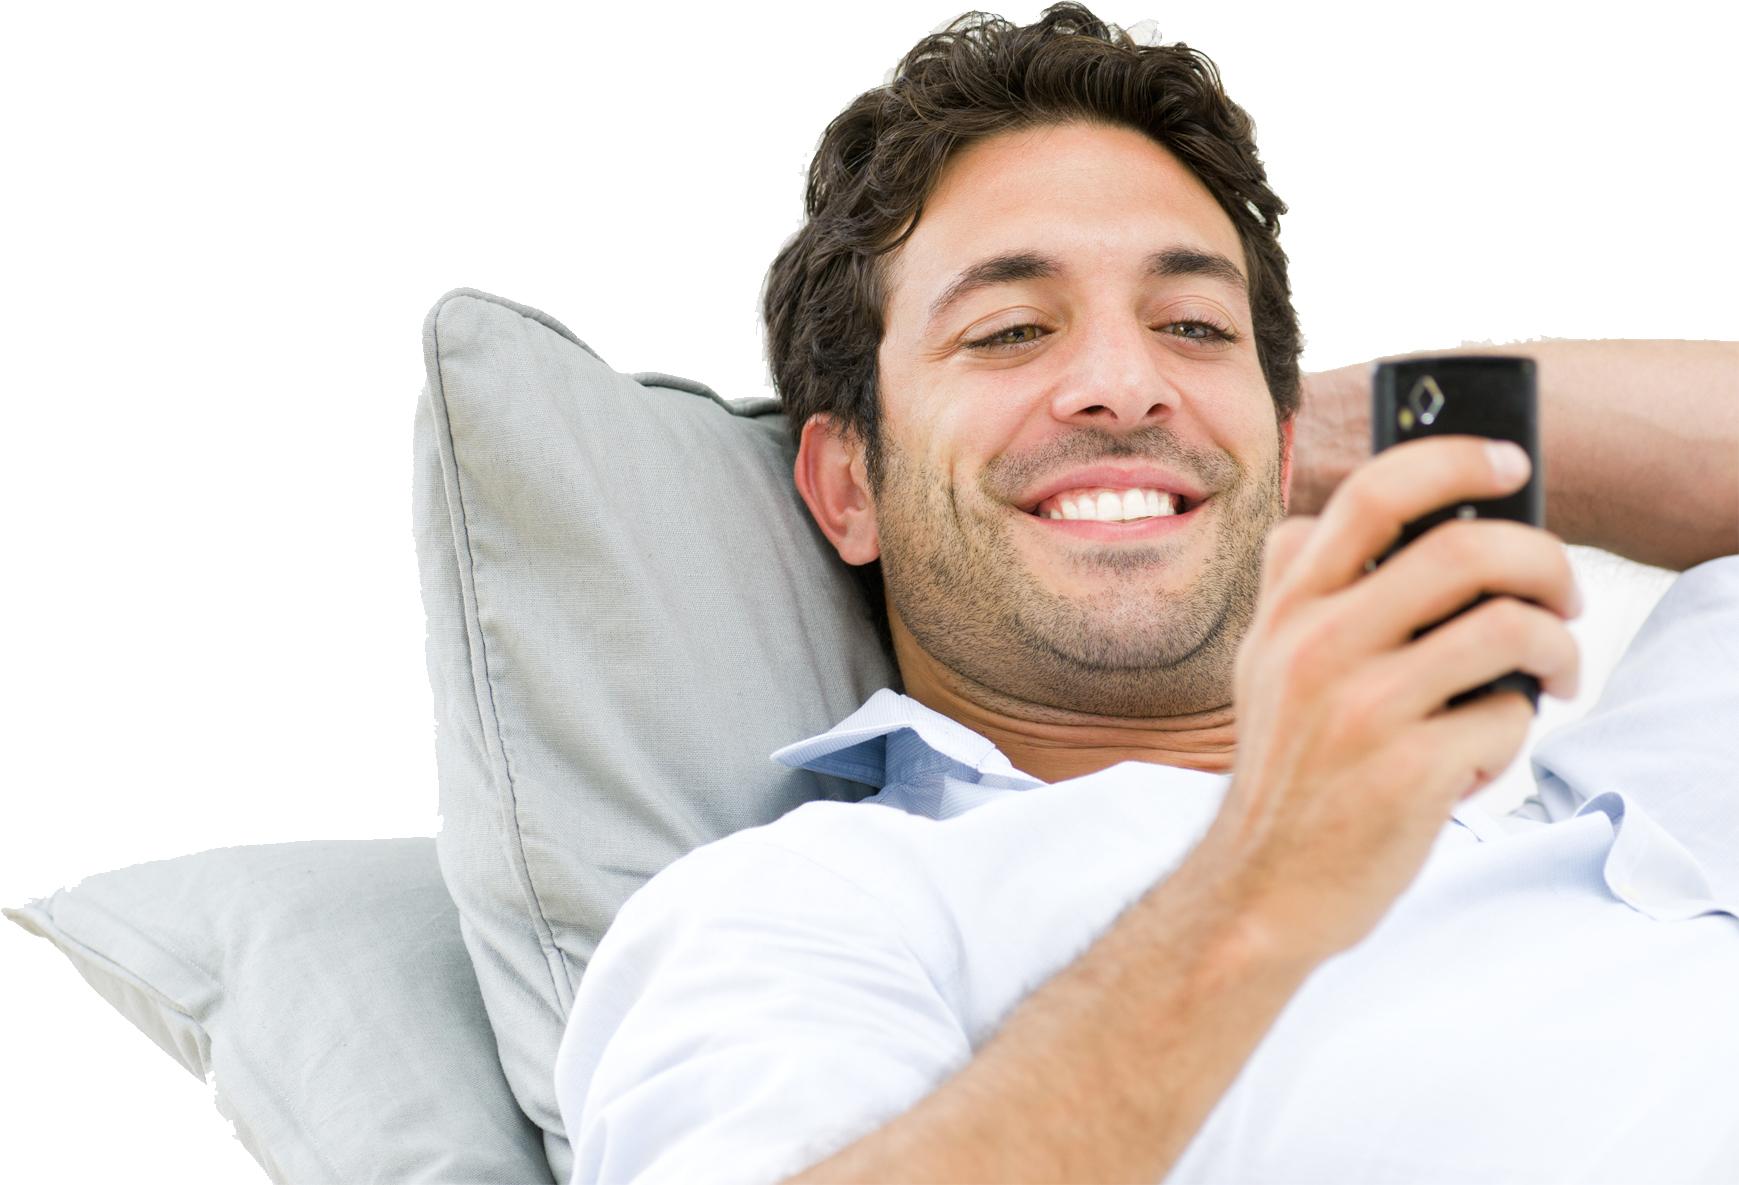 vnnewspost.com - Mua card điện thoại chiết khấu cực cao, bạn đã thử chưa?